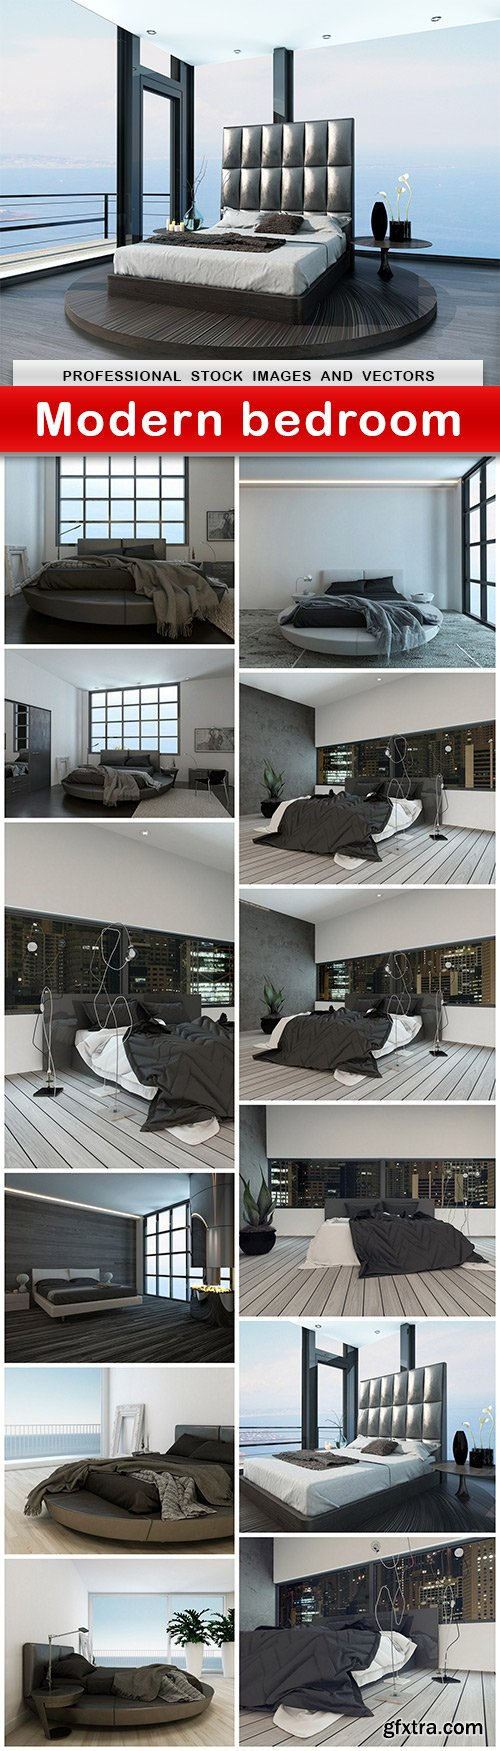 Modern bedroom - 13 UHQ JPEG